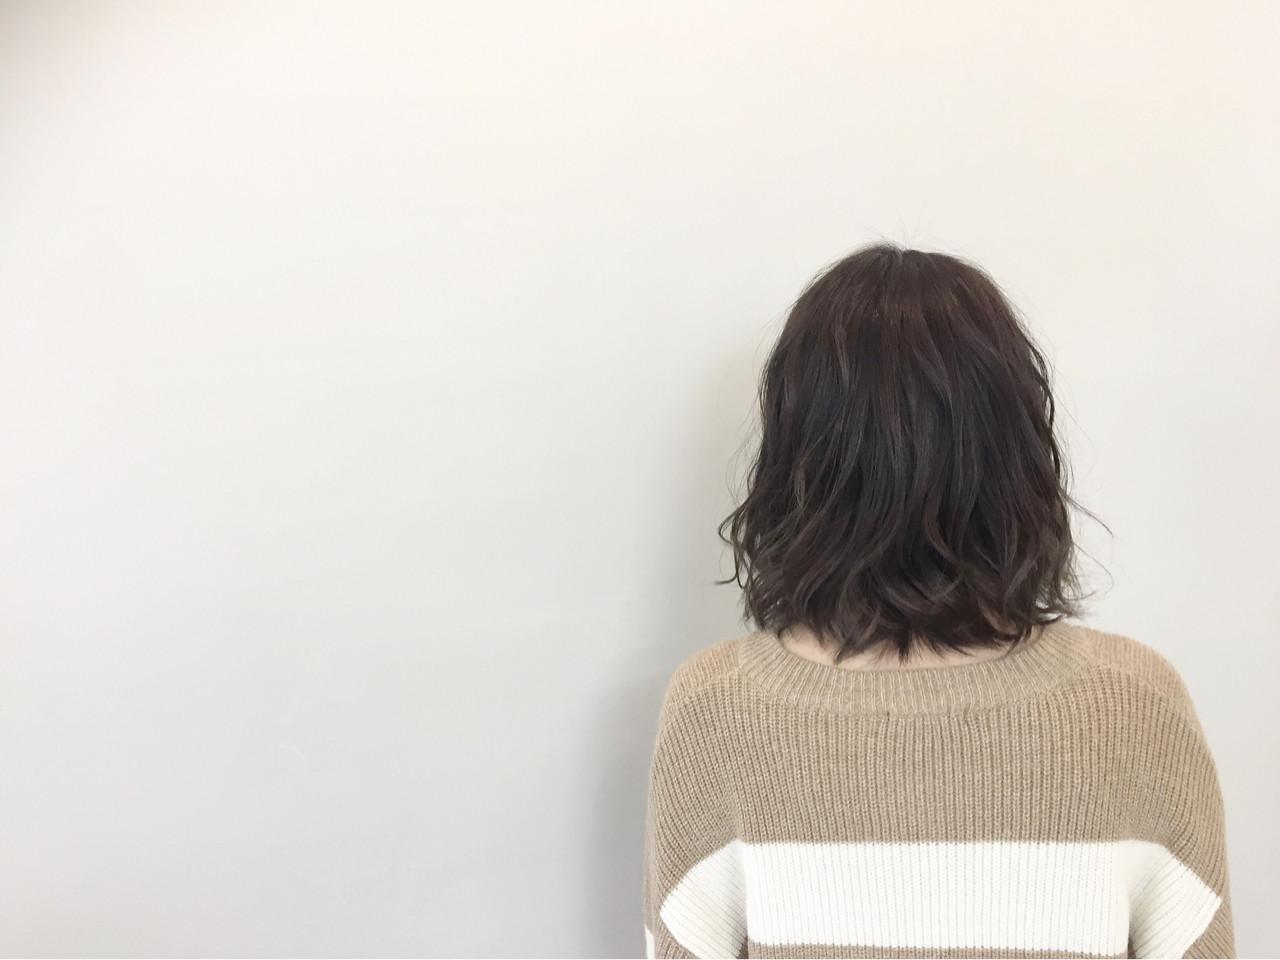 色気 ナチュラル アッシュ ミルクティー ヘアスタイルや髪型の写真・画像